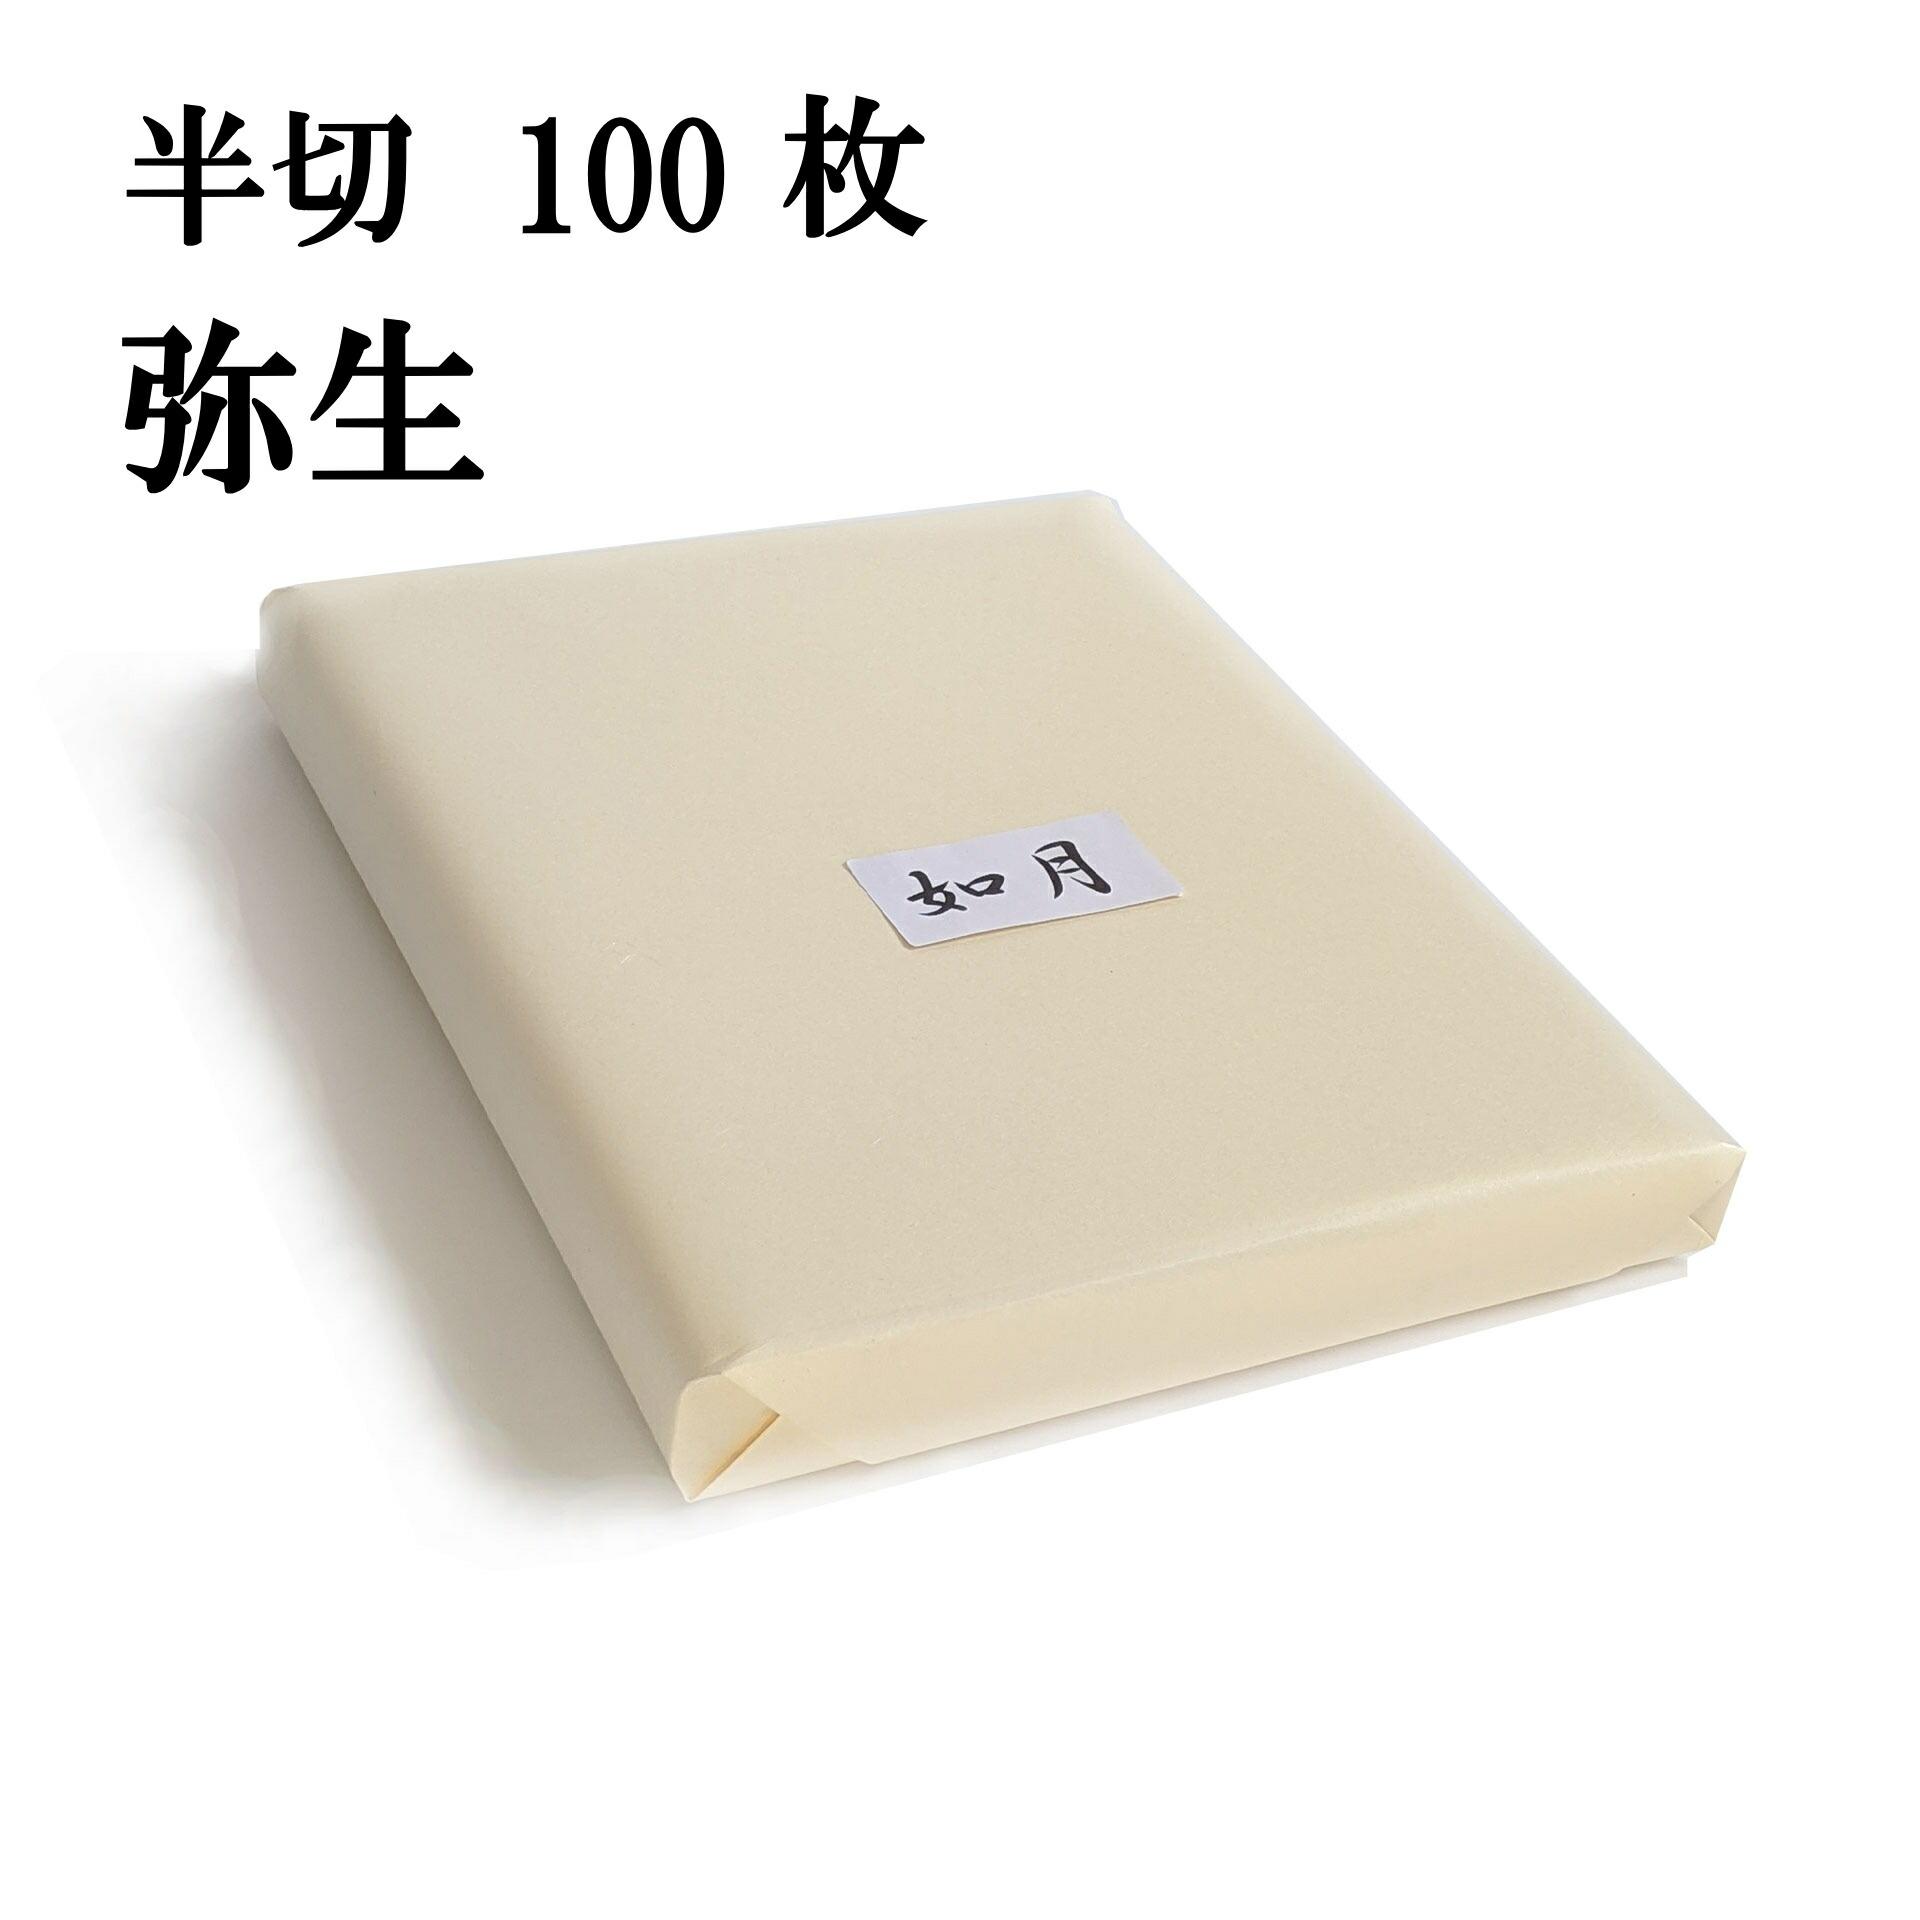 弥生画仙紙半切100枚